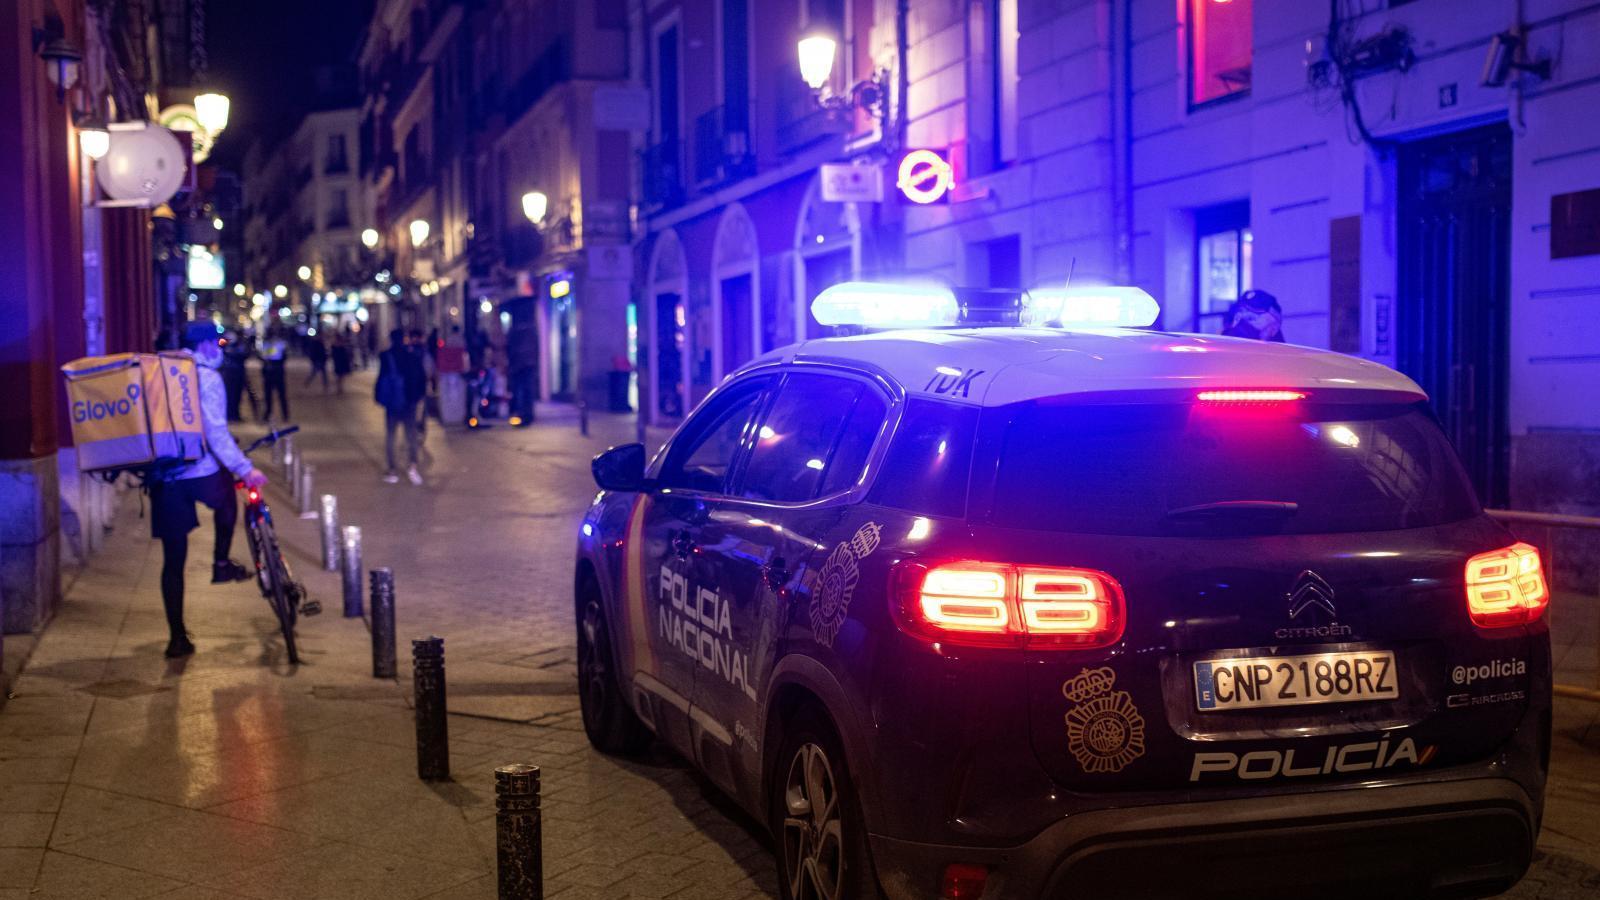 Se reduce el número de fiestas ilegales en Madrid: 256 este fin de semana